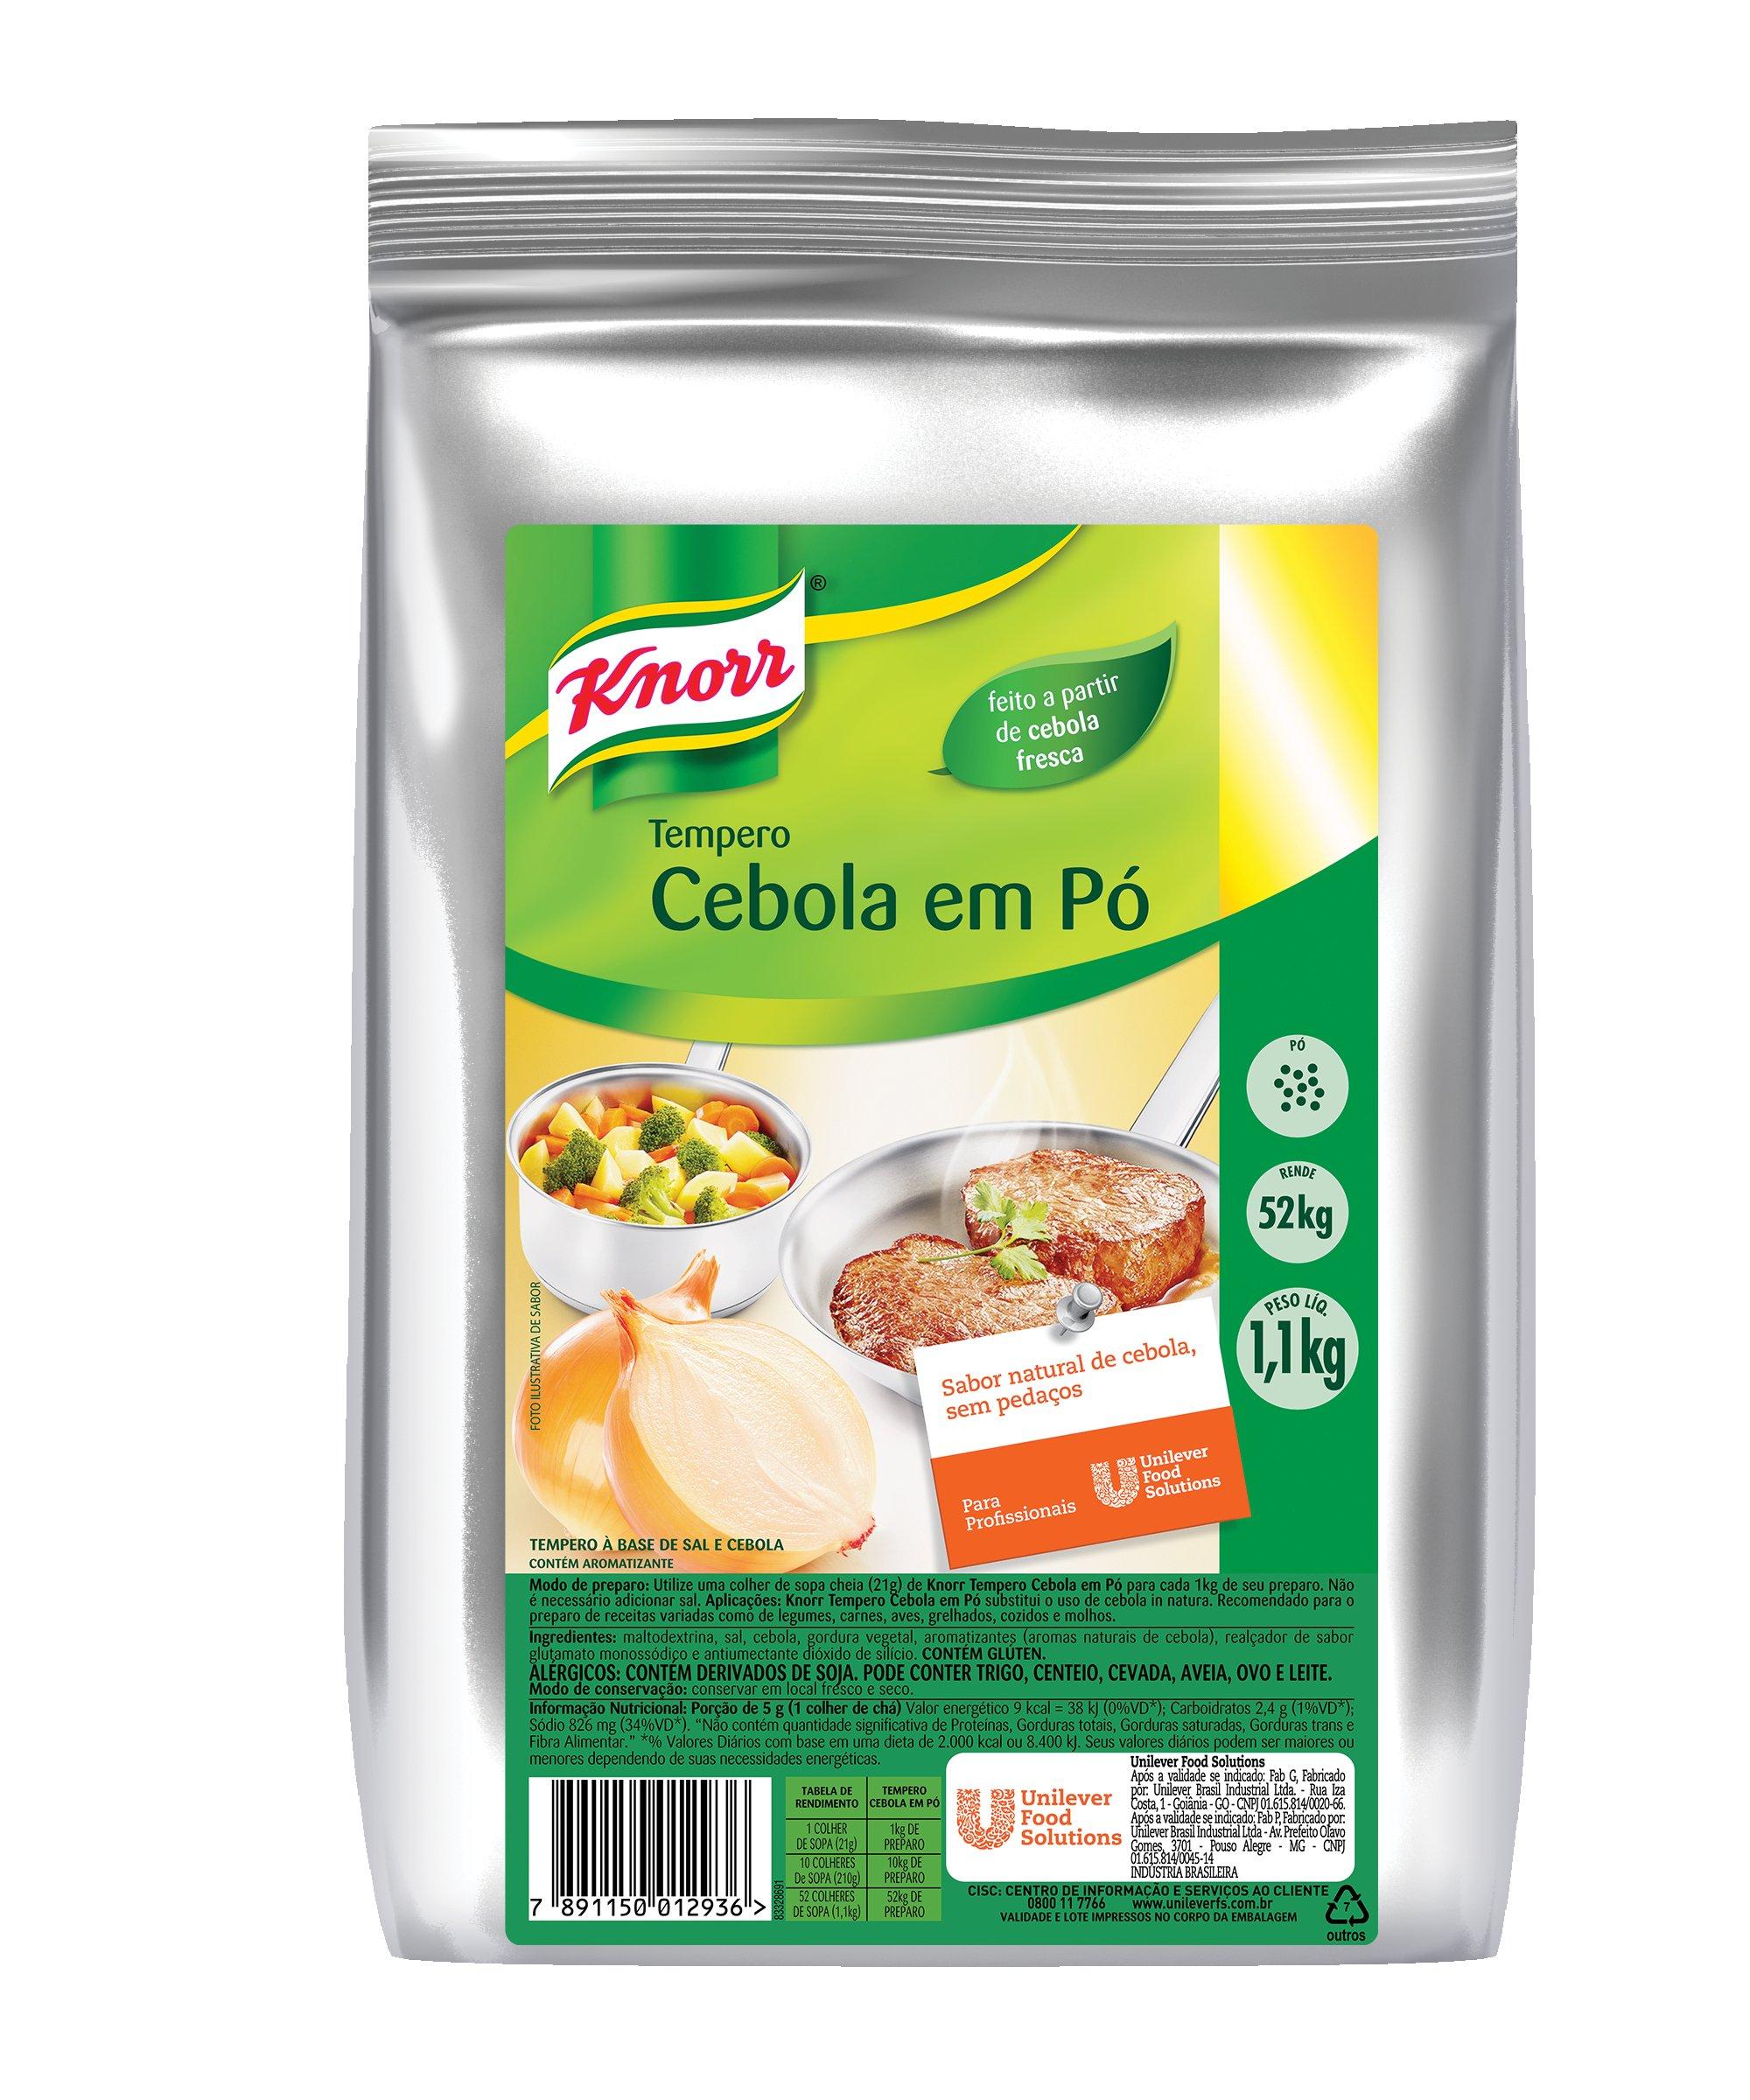 Tempero Cebola em Pó Knorr 1,1 kg